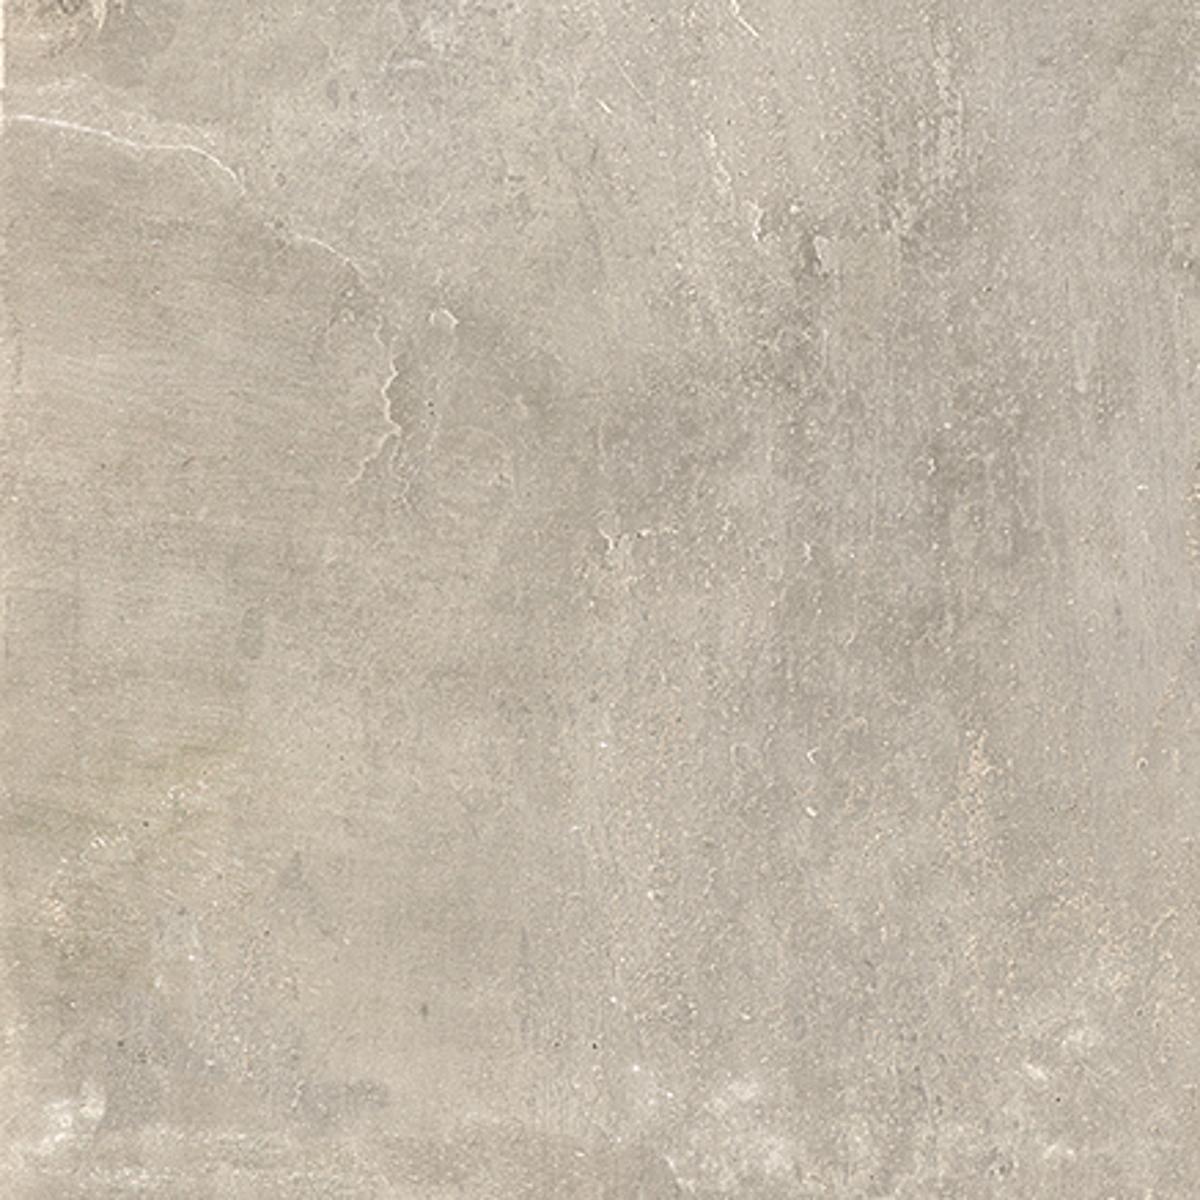 Piastrella City Grey 60 x 60 cm sp. 9.5 mm PEI 4/5 grigio - 4